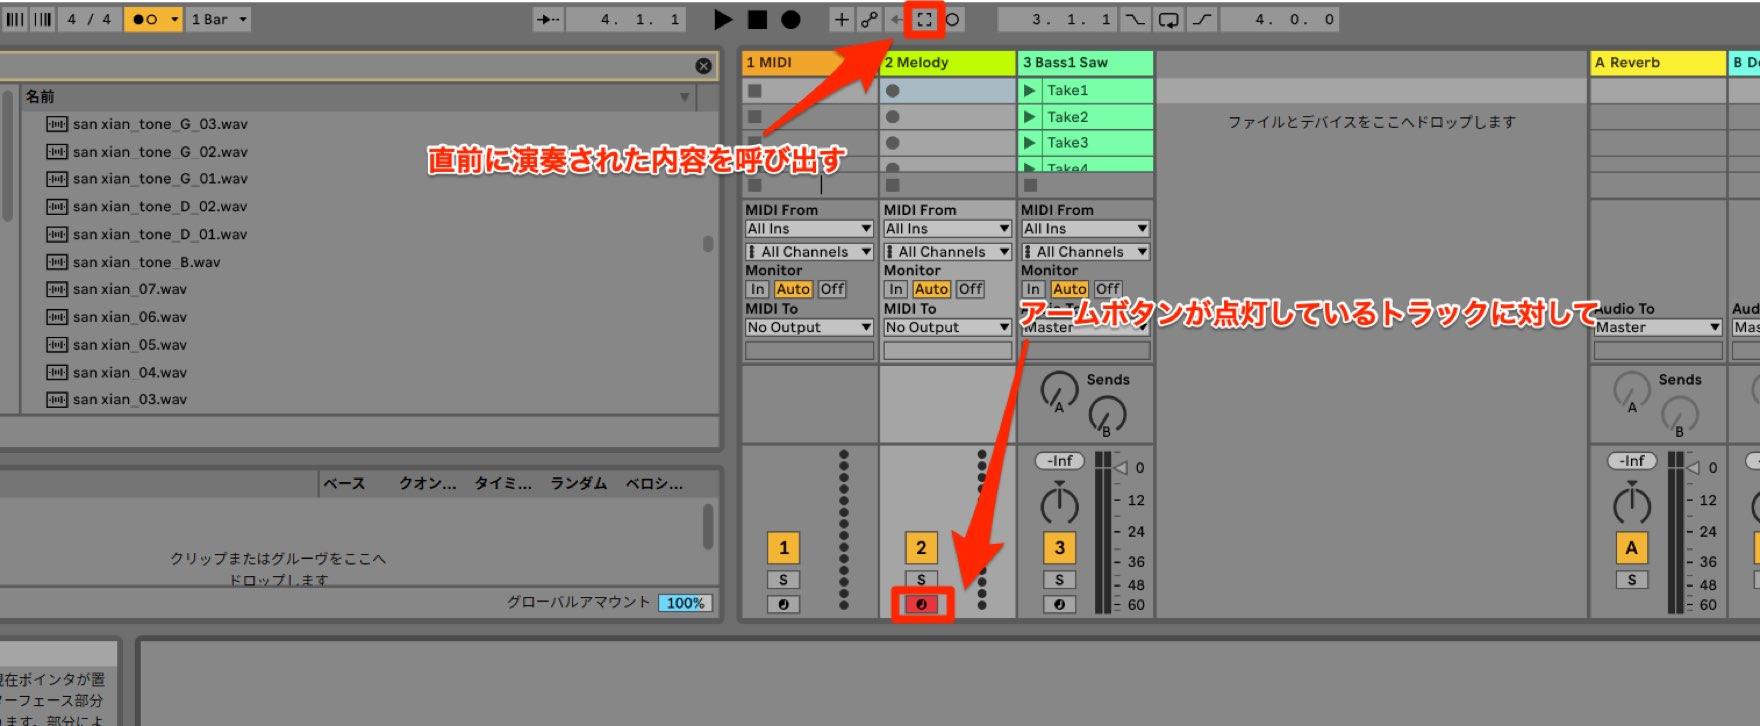 MIDI REC CAPTUER